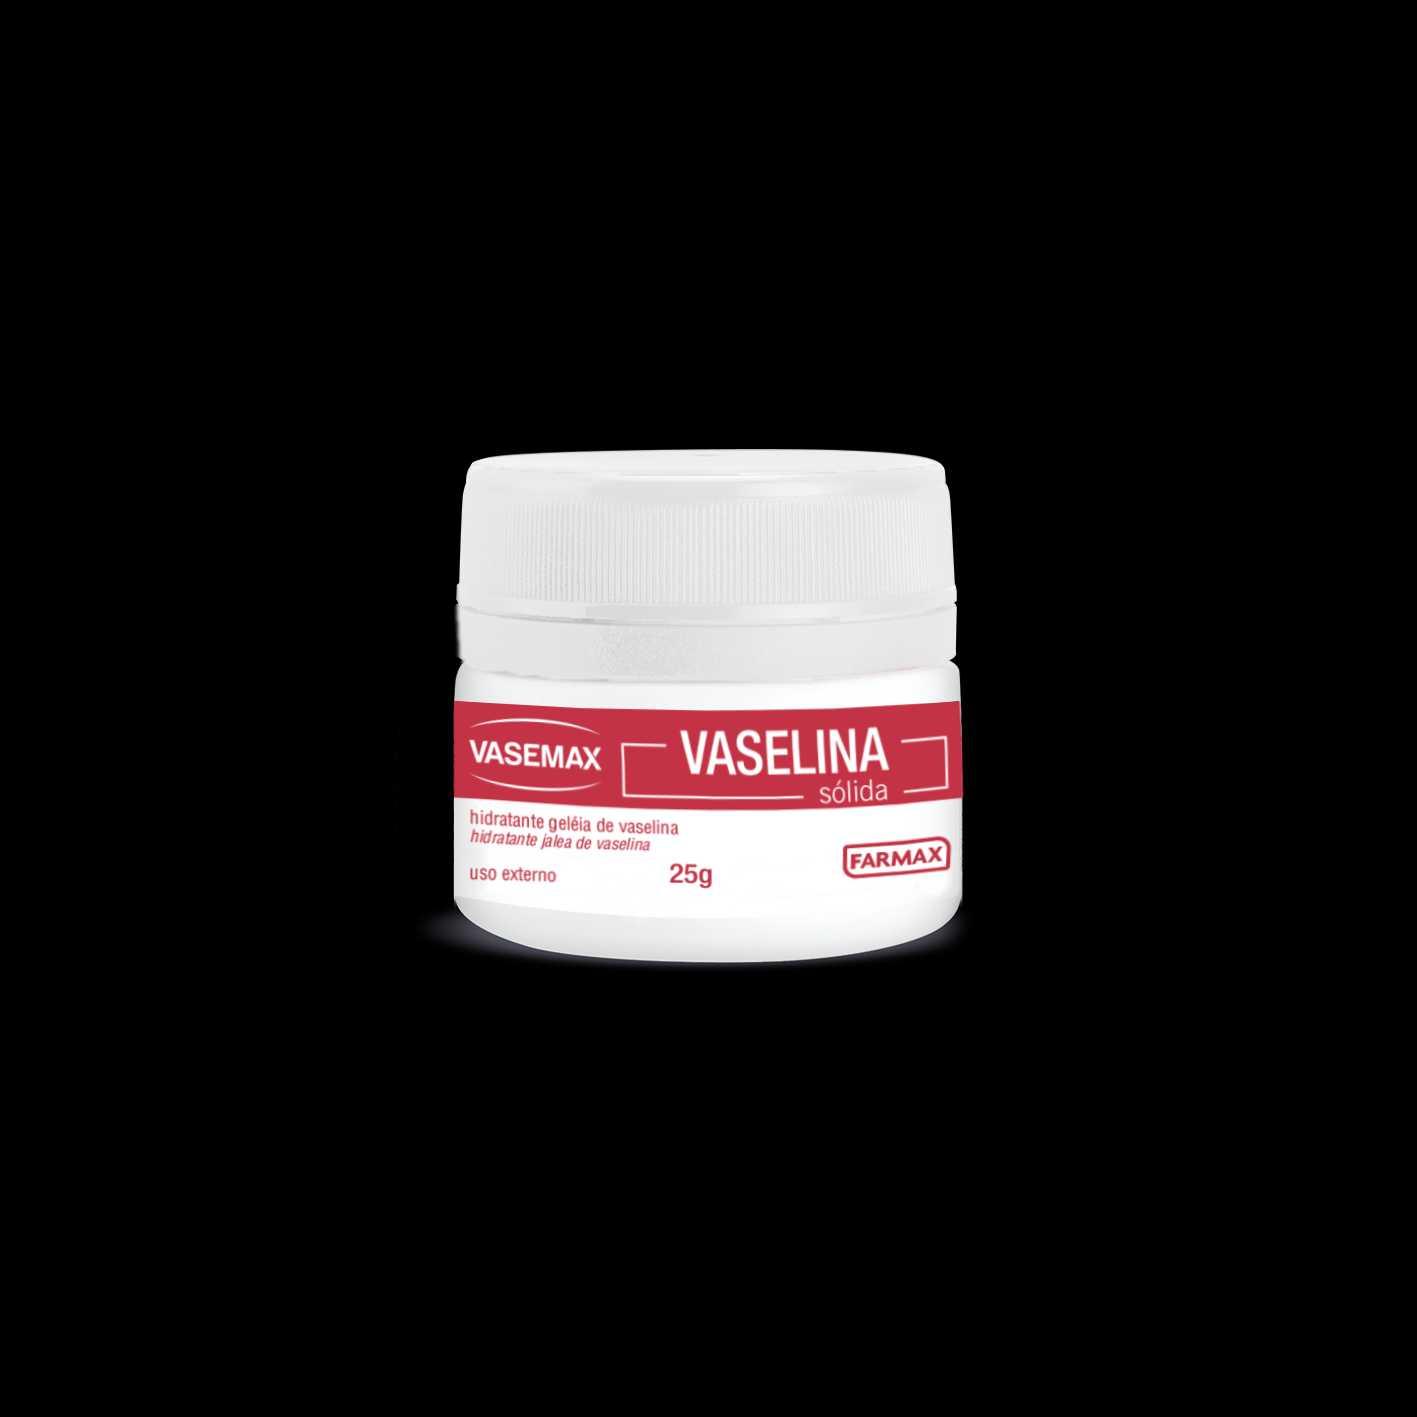 HIDRATANTE GELEIA DE VASELIN VASEMAX 25G - FARMAX